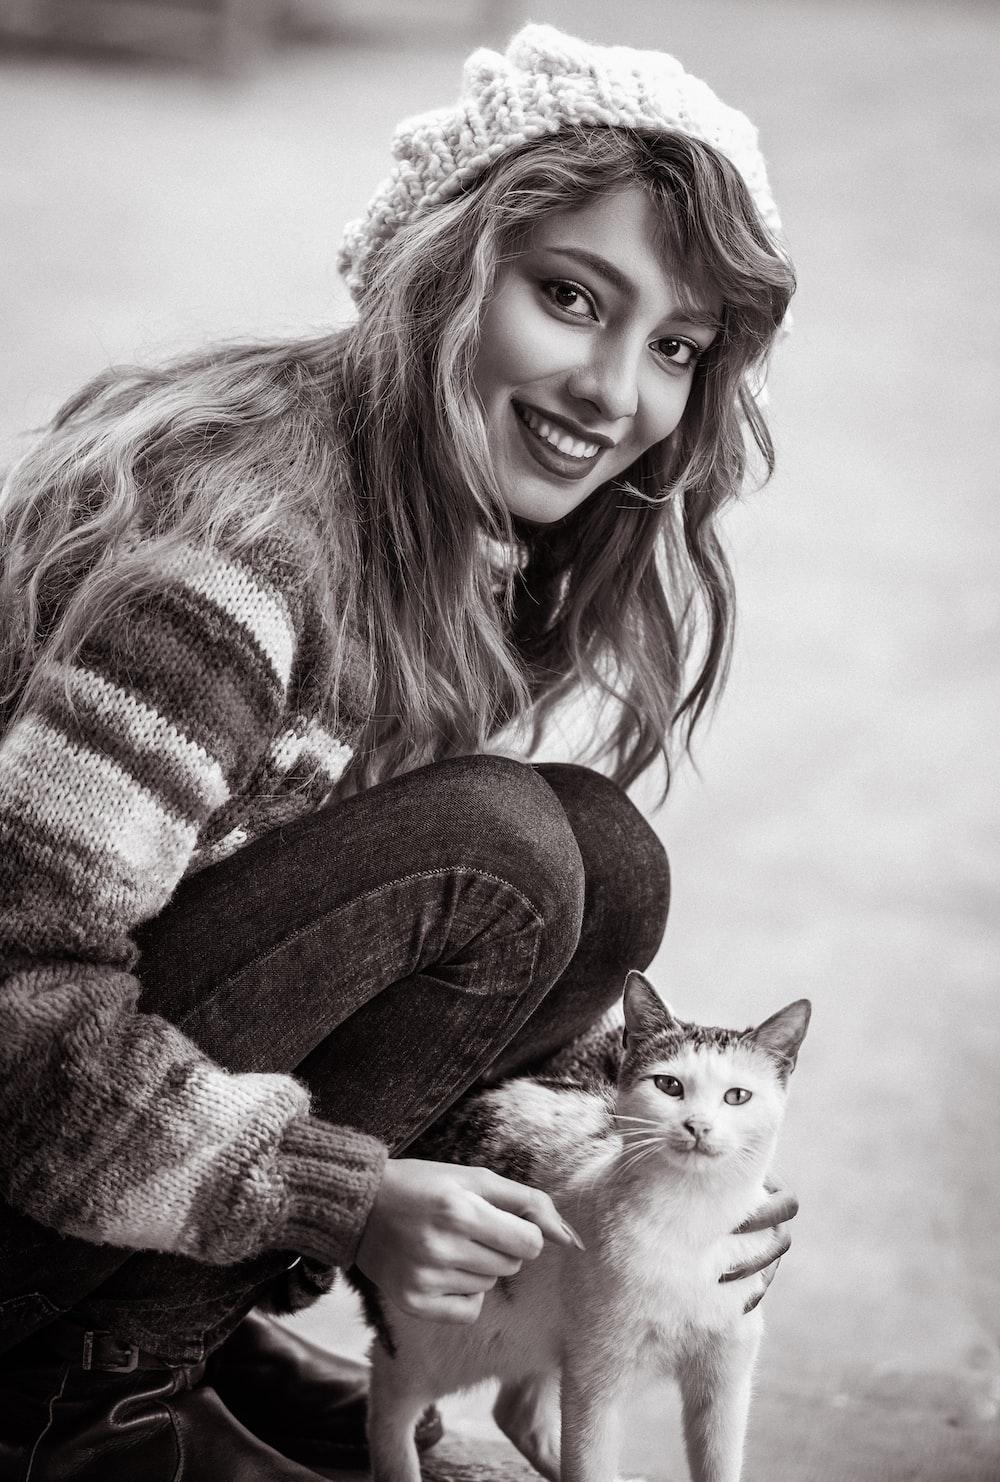 women's white and gray sweater